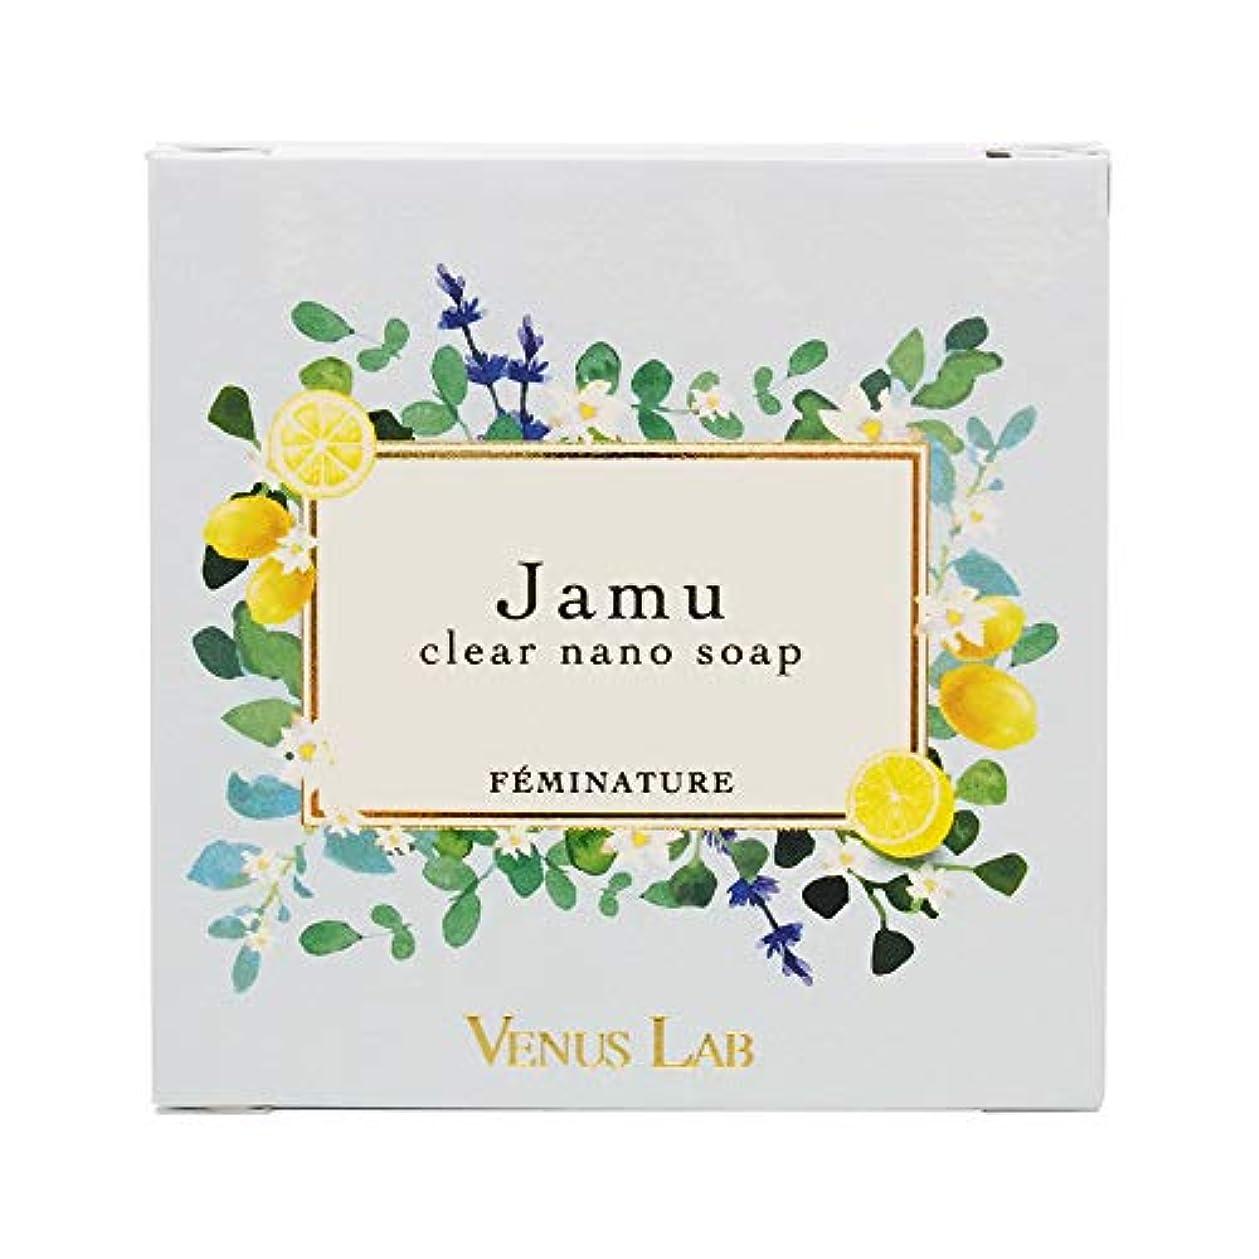 移民やさしい疾患ヴィーナスラボ フェミナチュール ジャムウクリアナノソープ 石鹸 レモングラスの香り 100g